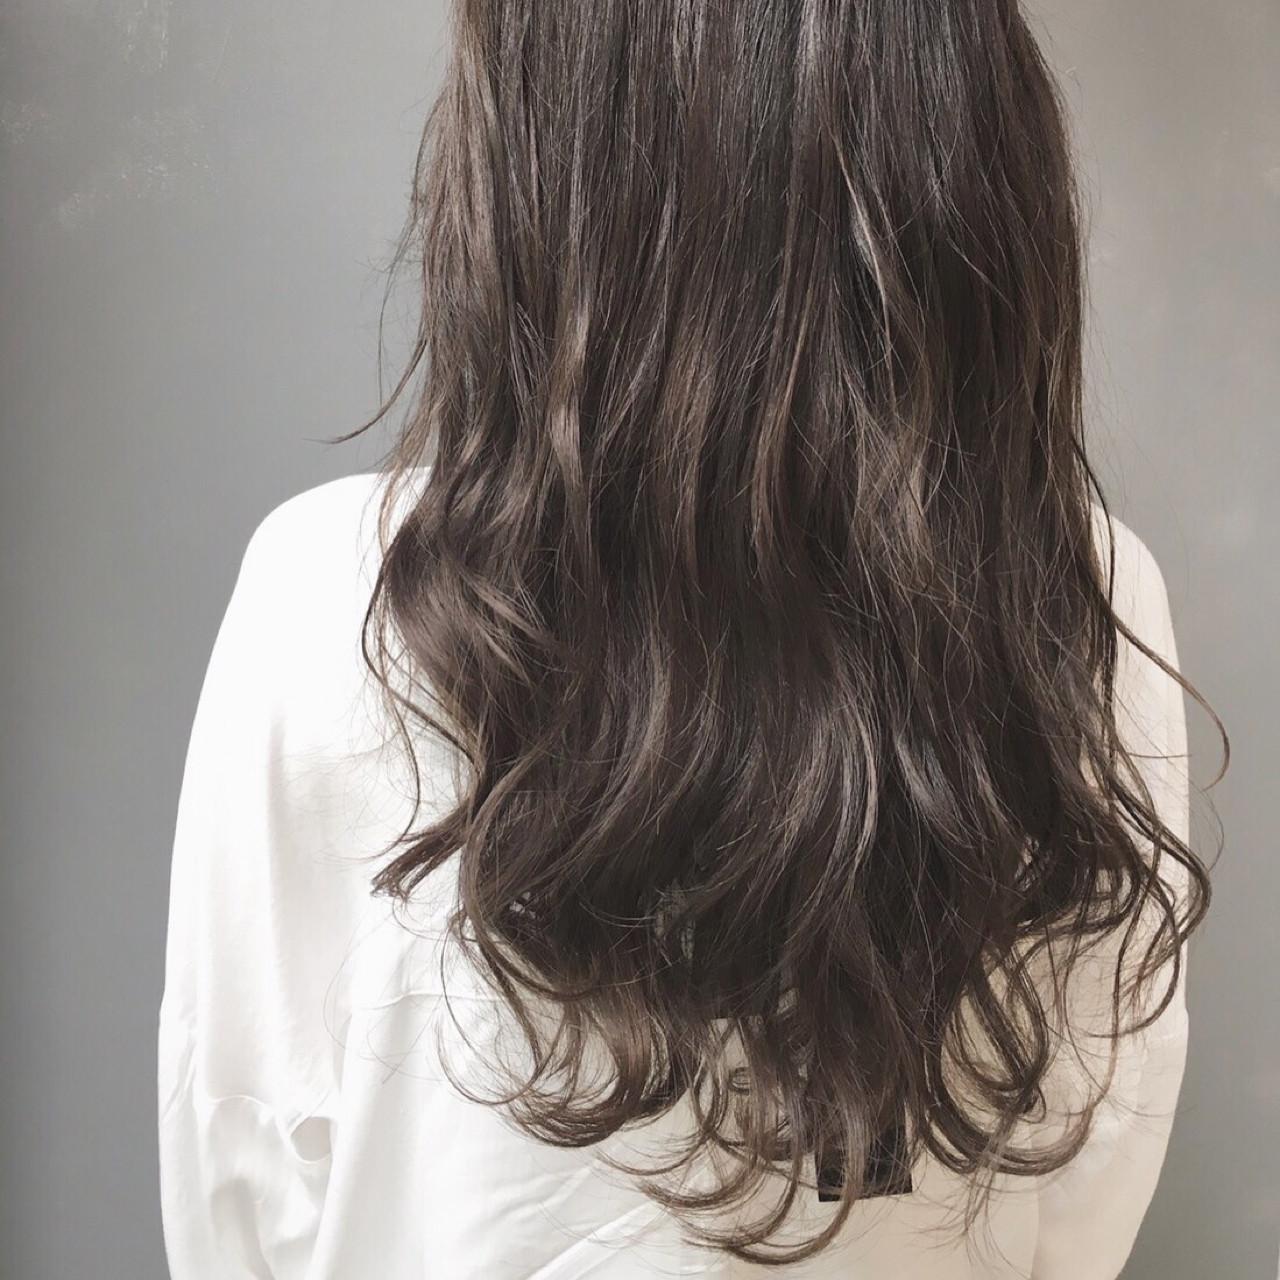 外国人風 ナチュラル ゆるふわ 暗髪 ヘアスタイルや髪型の写真・画像 | 松尾 知晃 / MASHU北堀江